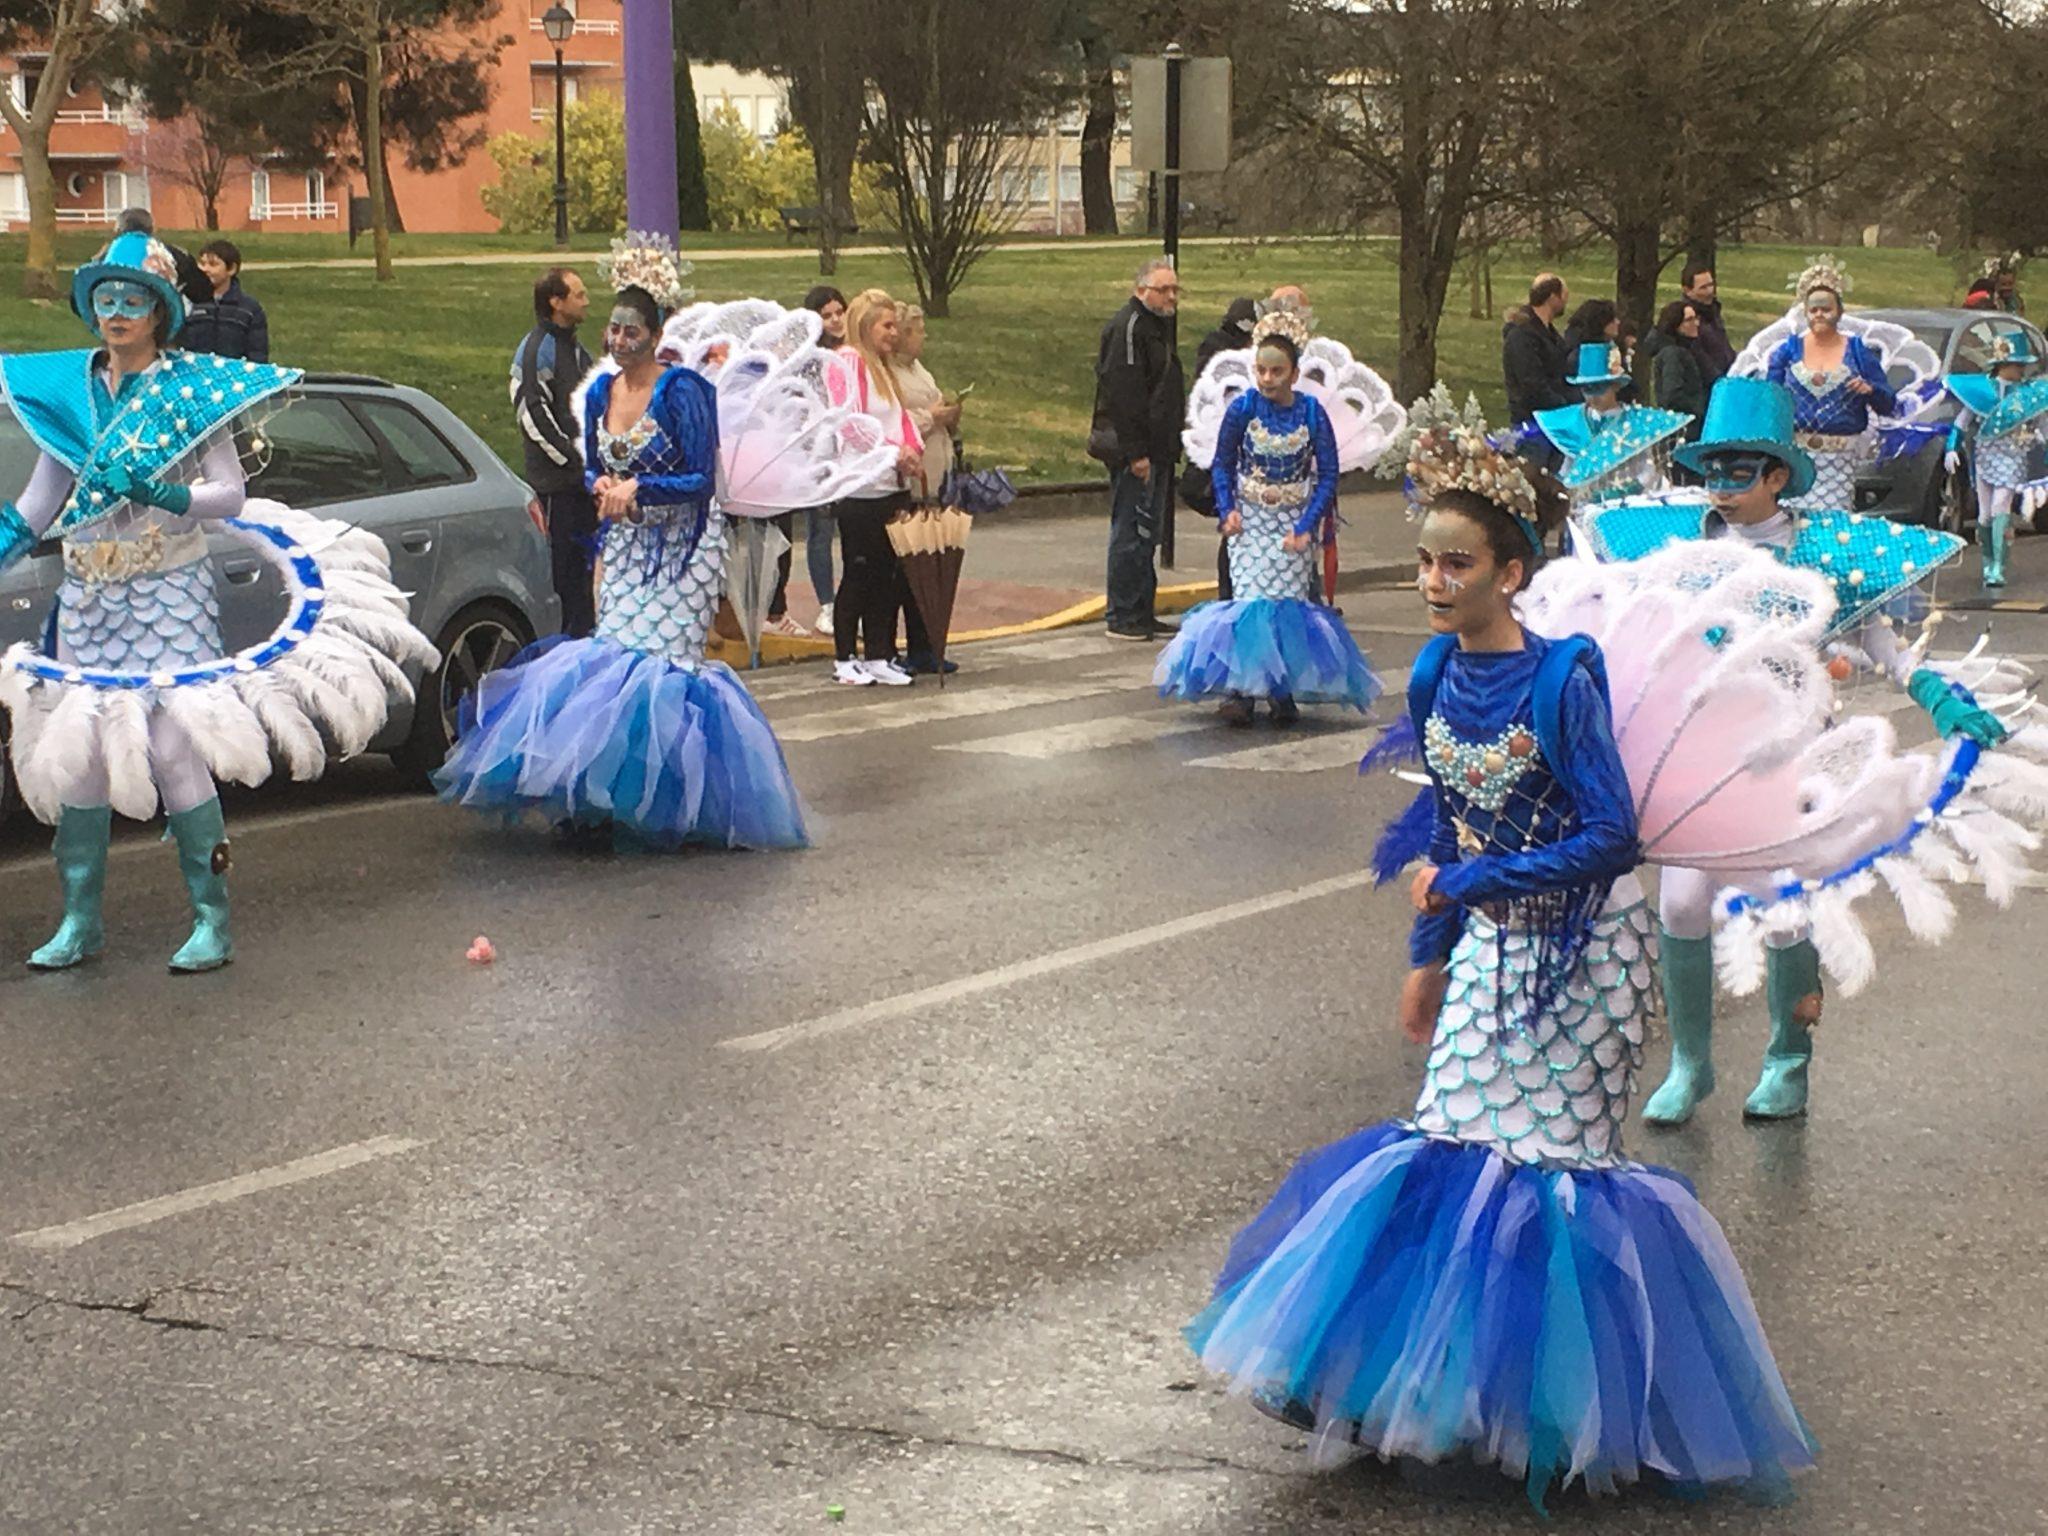 Álbum de fotos del martes de Carnaval 2019 en Ponferrada 46